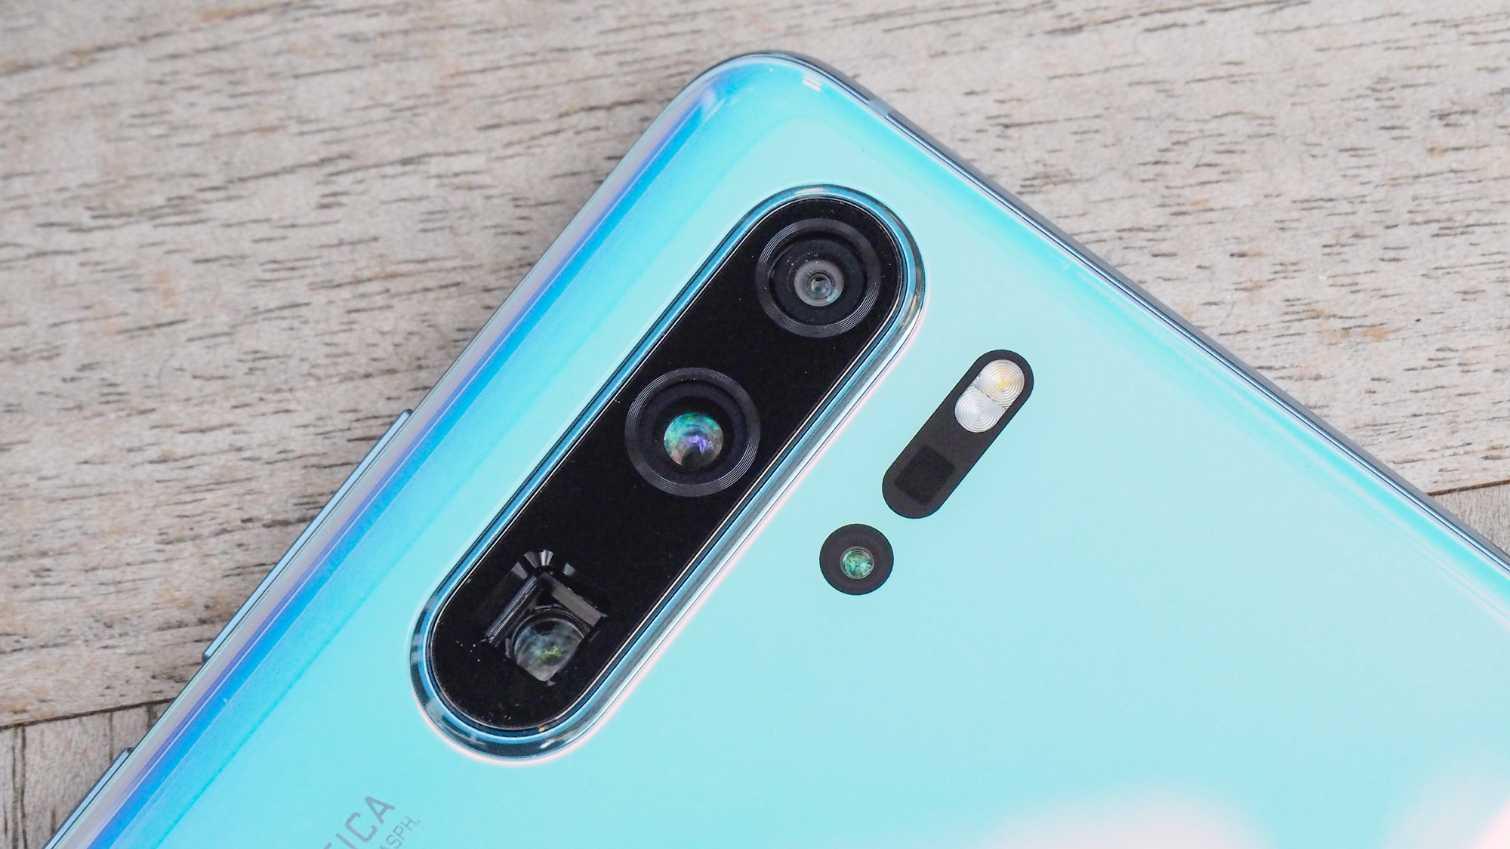 Фотографируем на huawei p20 pro: что умеет лучший камерофон 2018 года